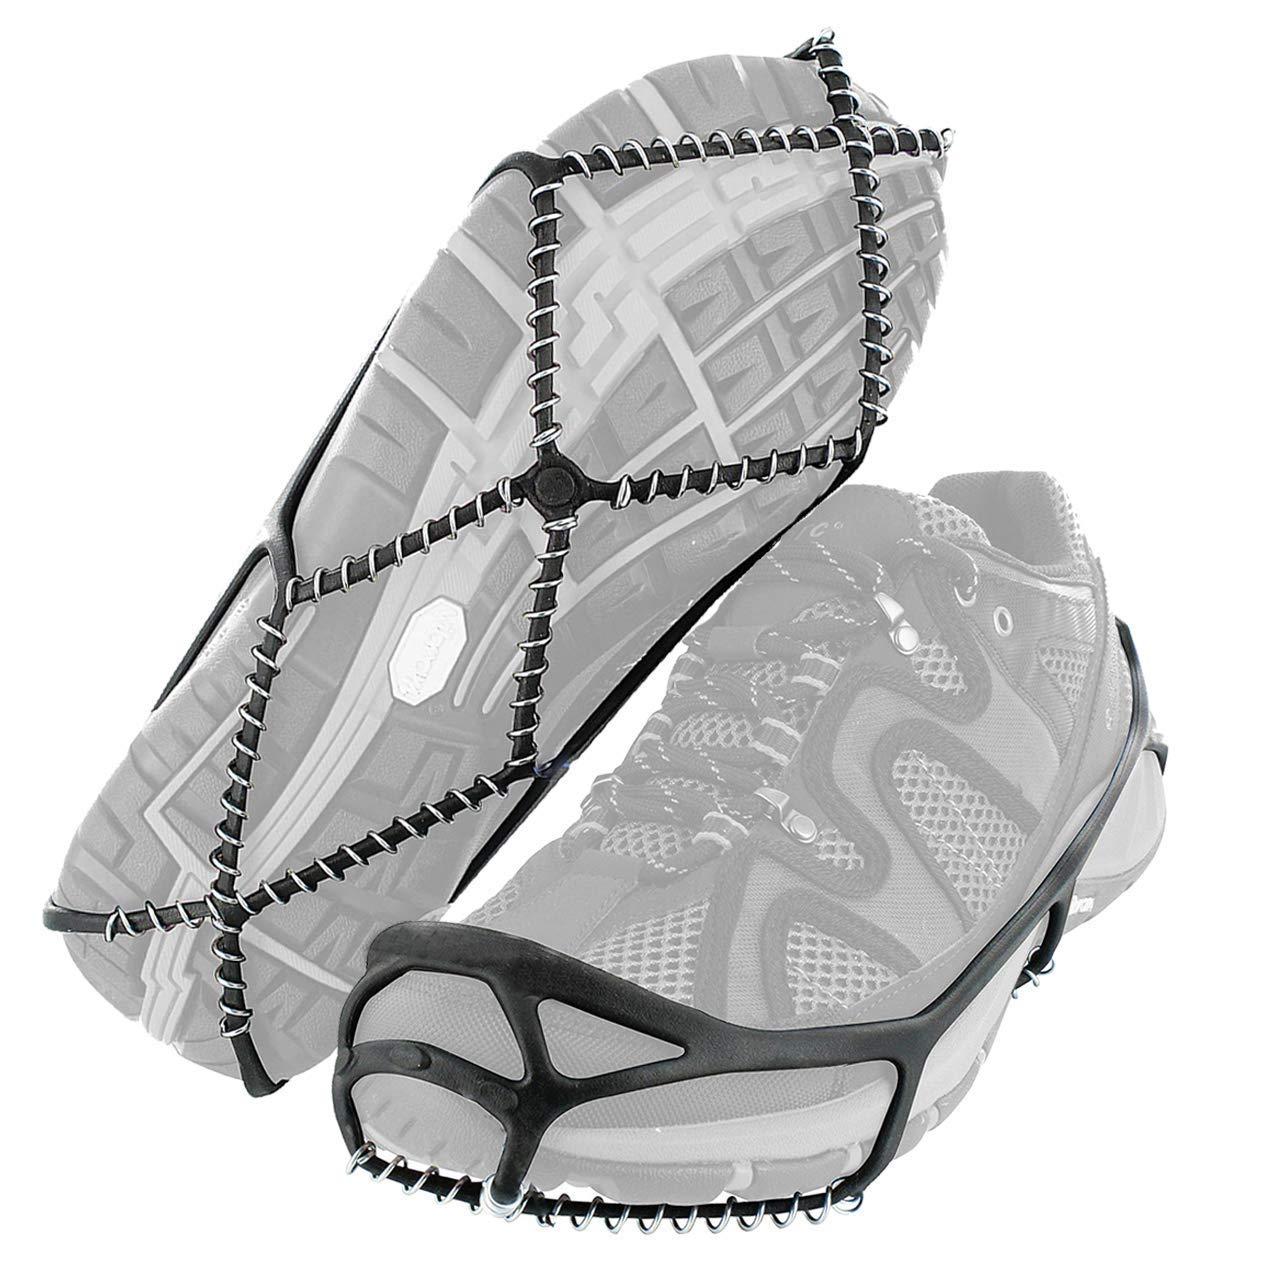 Crampon Antidérapent,Crampons pour chaussures, Marchez Sur Les Crampons de Traction Pour Marcher Sur La Neige et La Glace Third A